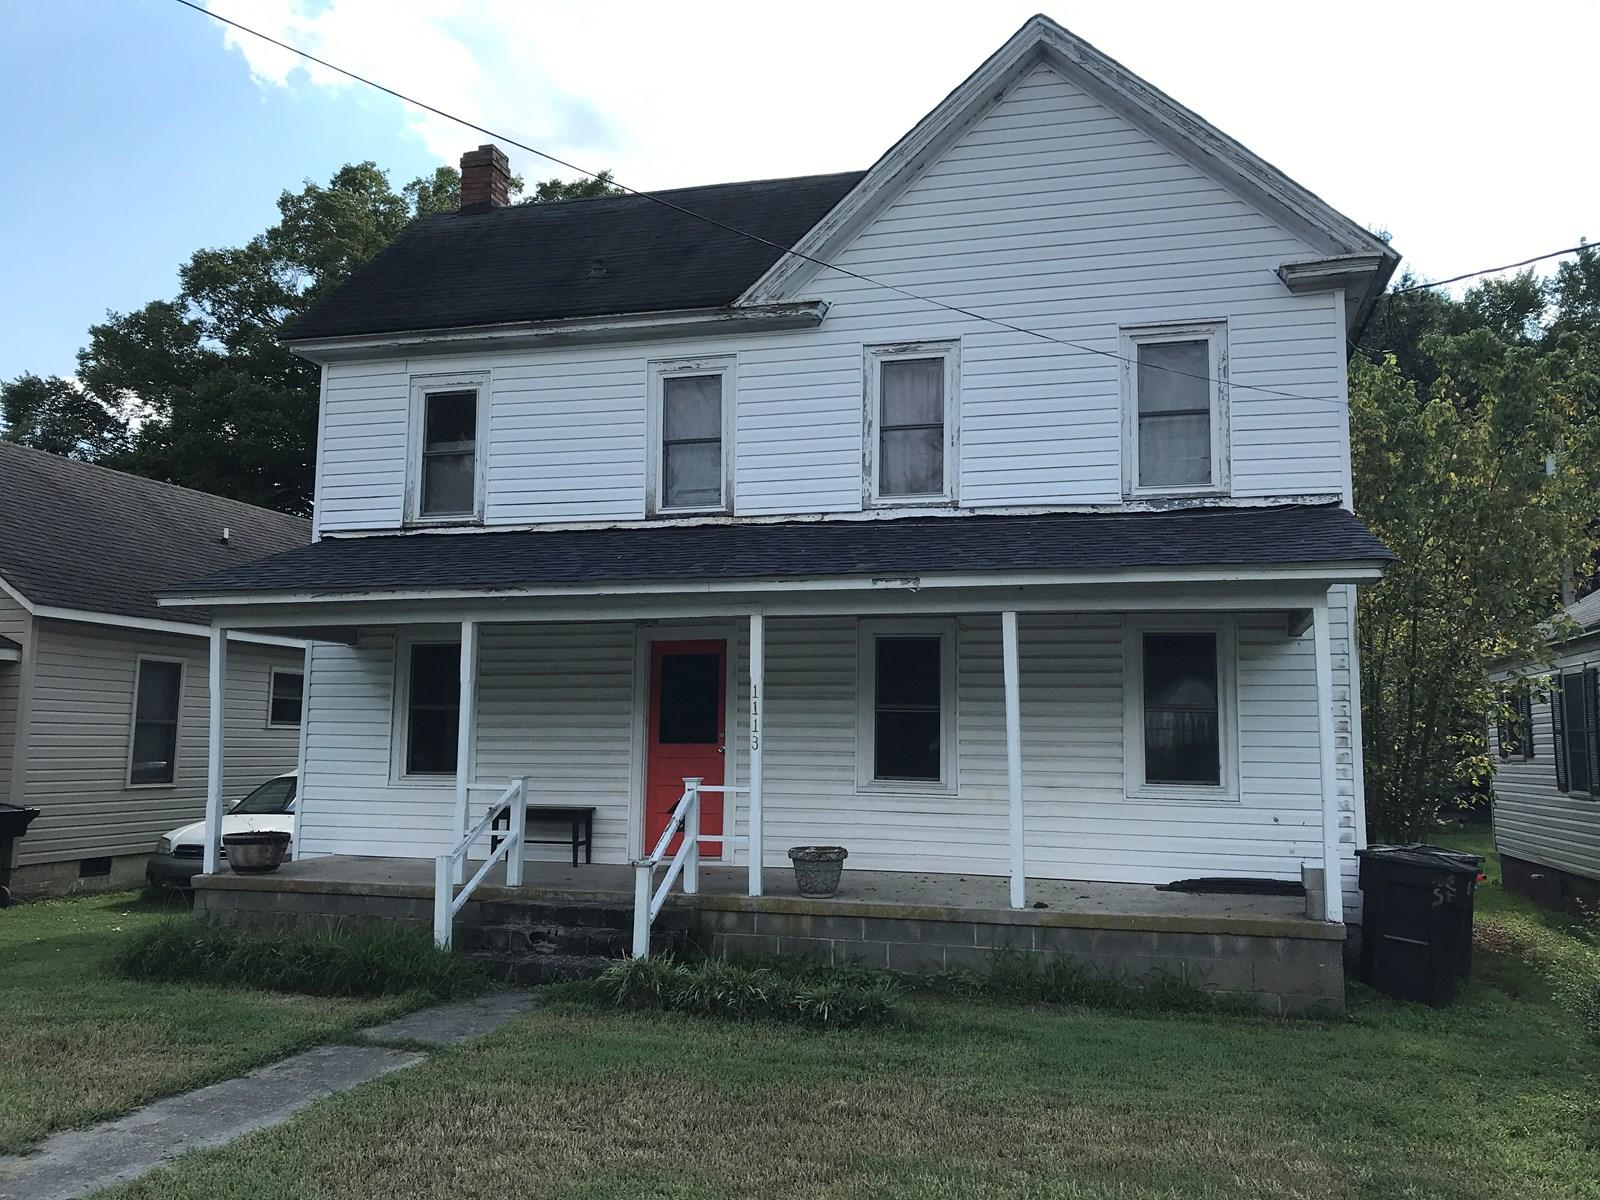 1113 WOOD ST. ELIZABETH CITY, NC AUCTION